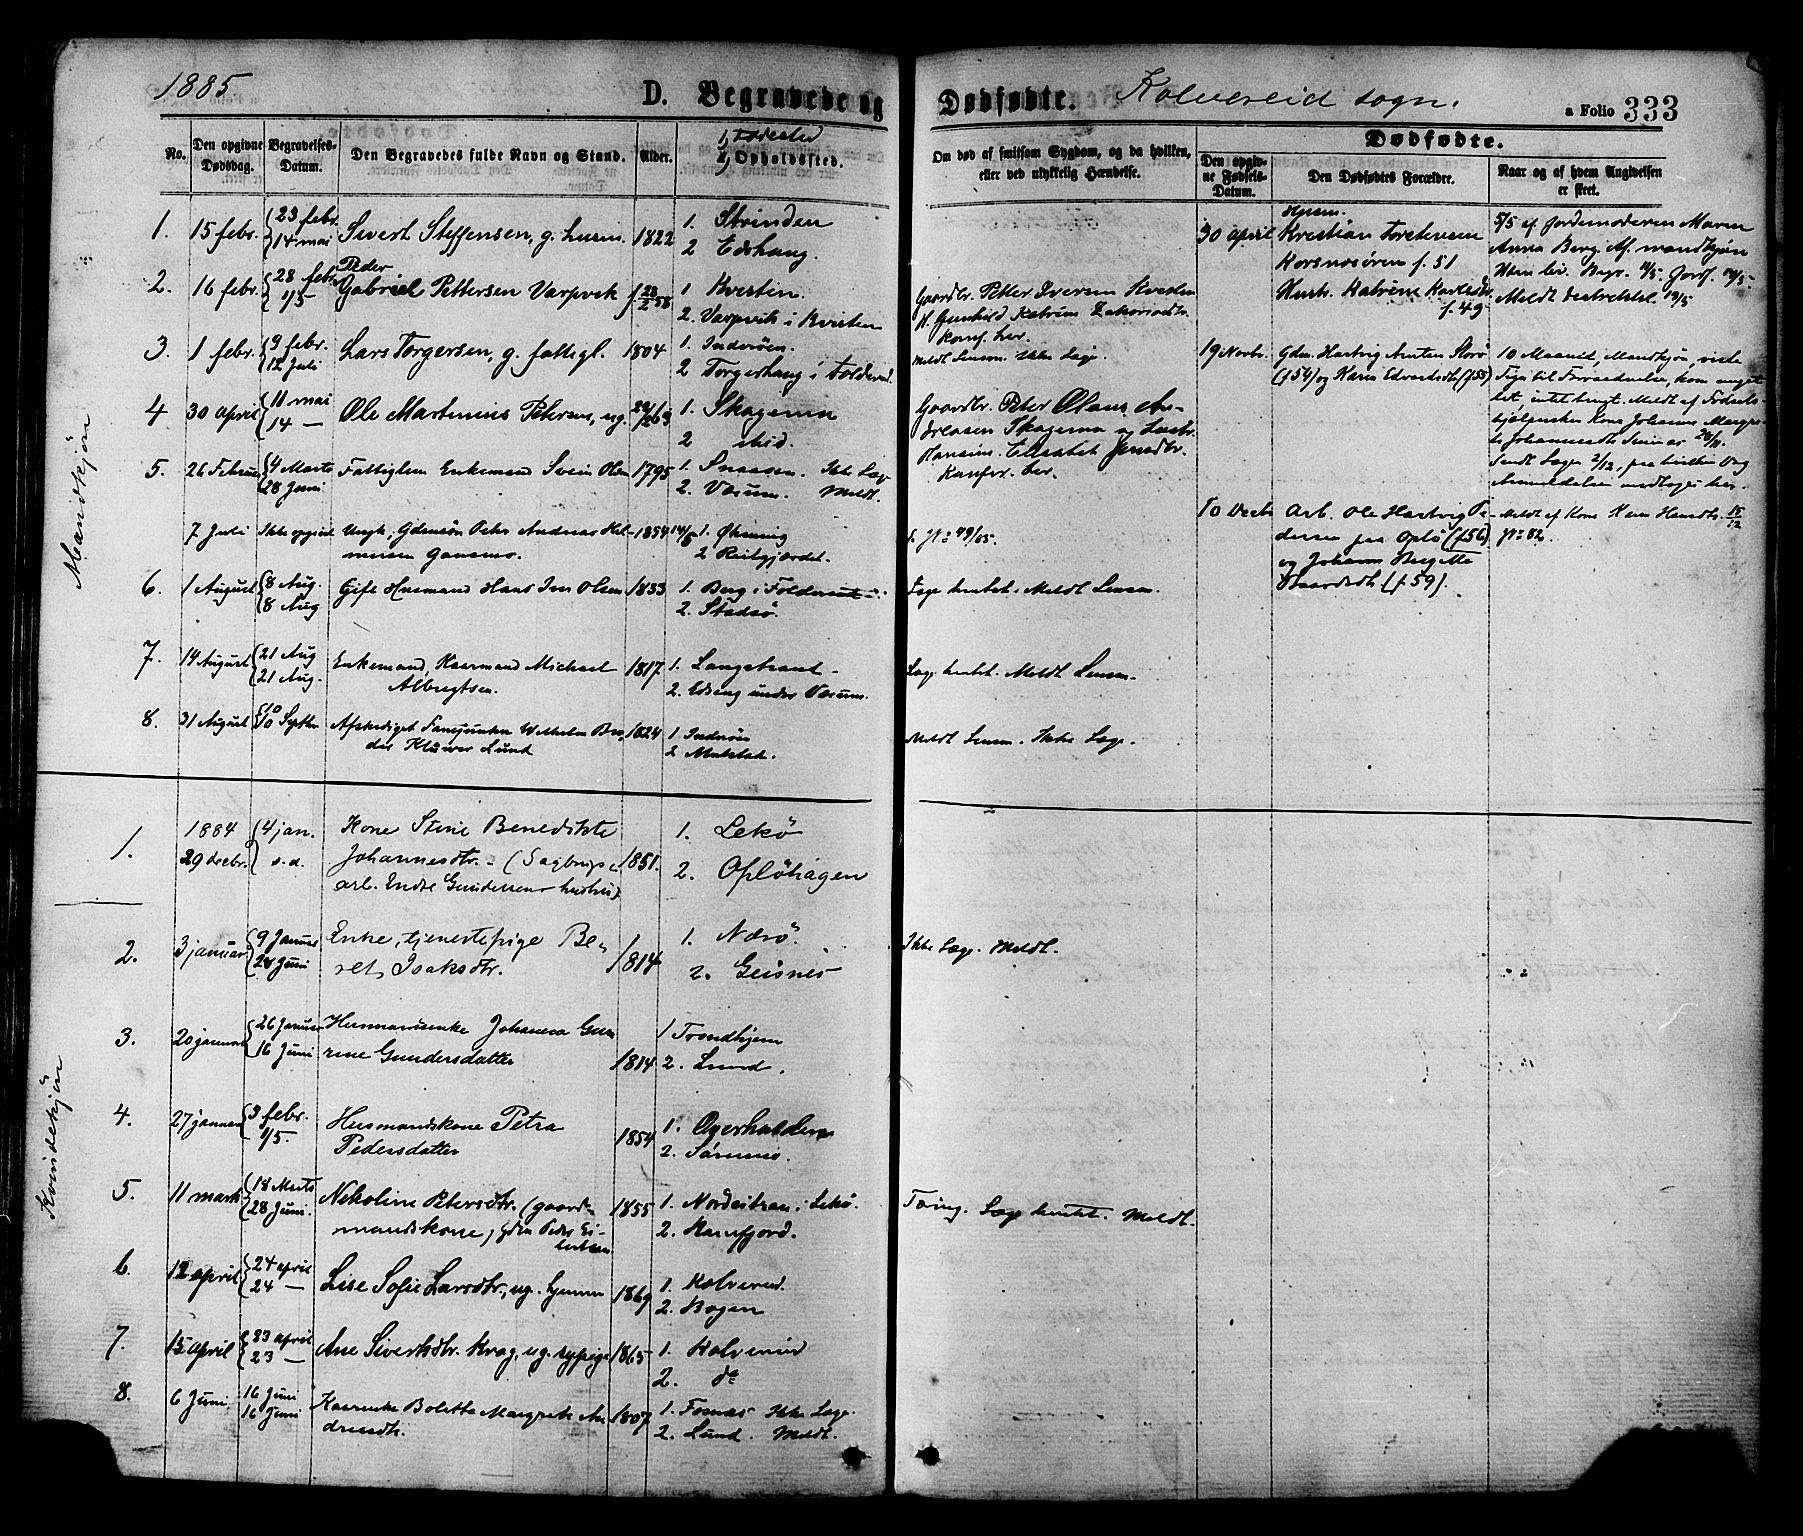 SAT, Ministerialprotokoller, klokkerbøker og fødselsregistre - Nord-Trøndelag, 780/L0642: Ministerialbok nr. 780A07 /1, 1874-1885, s. 333